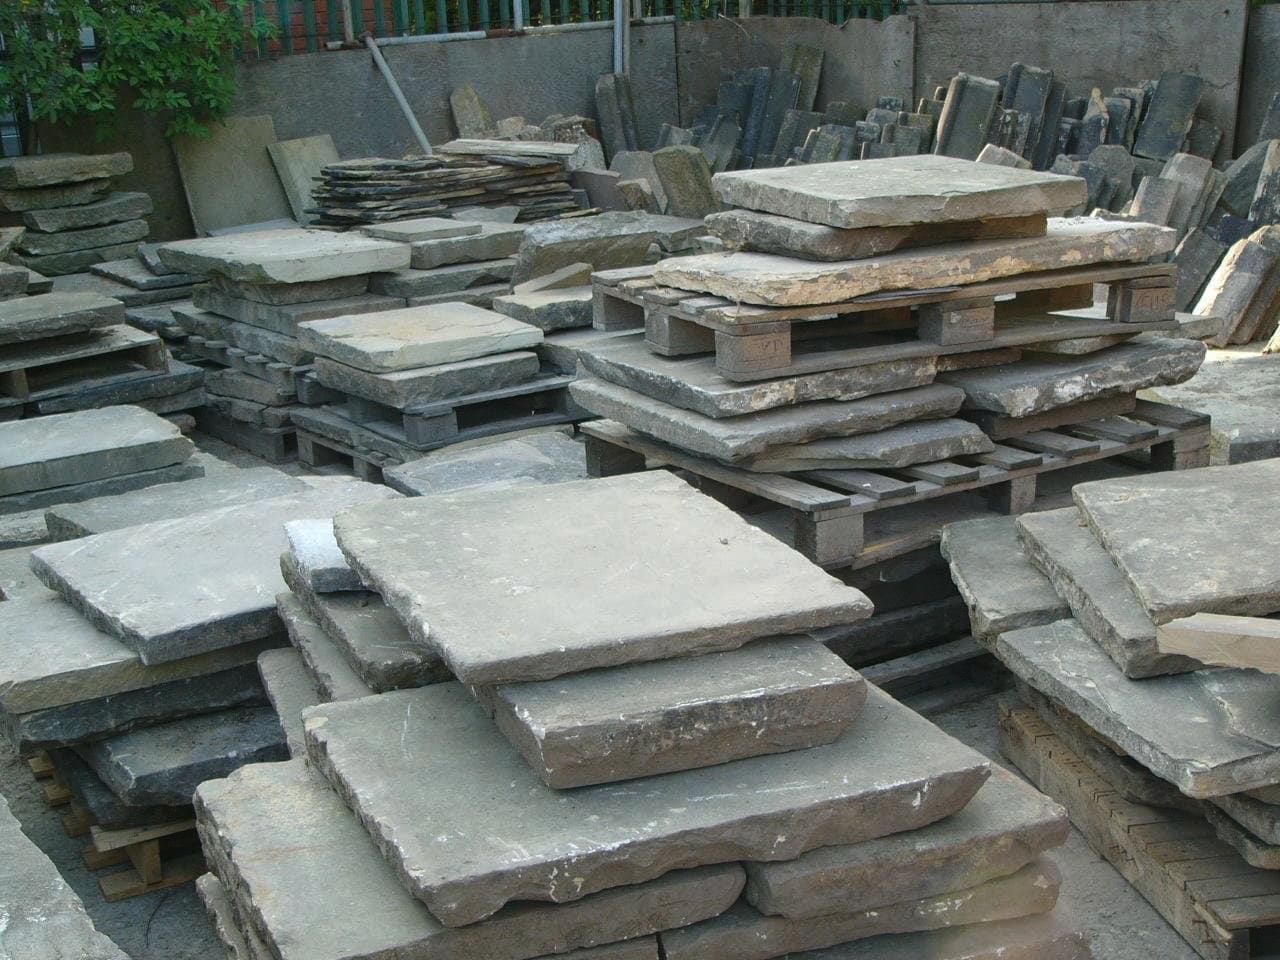 Hunslet Roofing Supplies Ltd Roofing Materials In Leeds